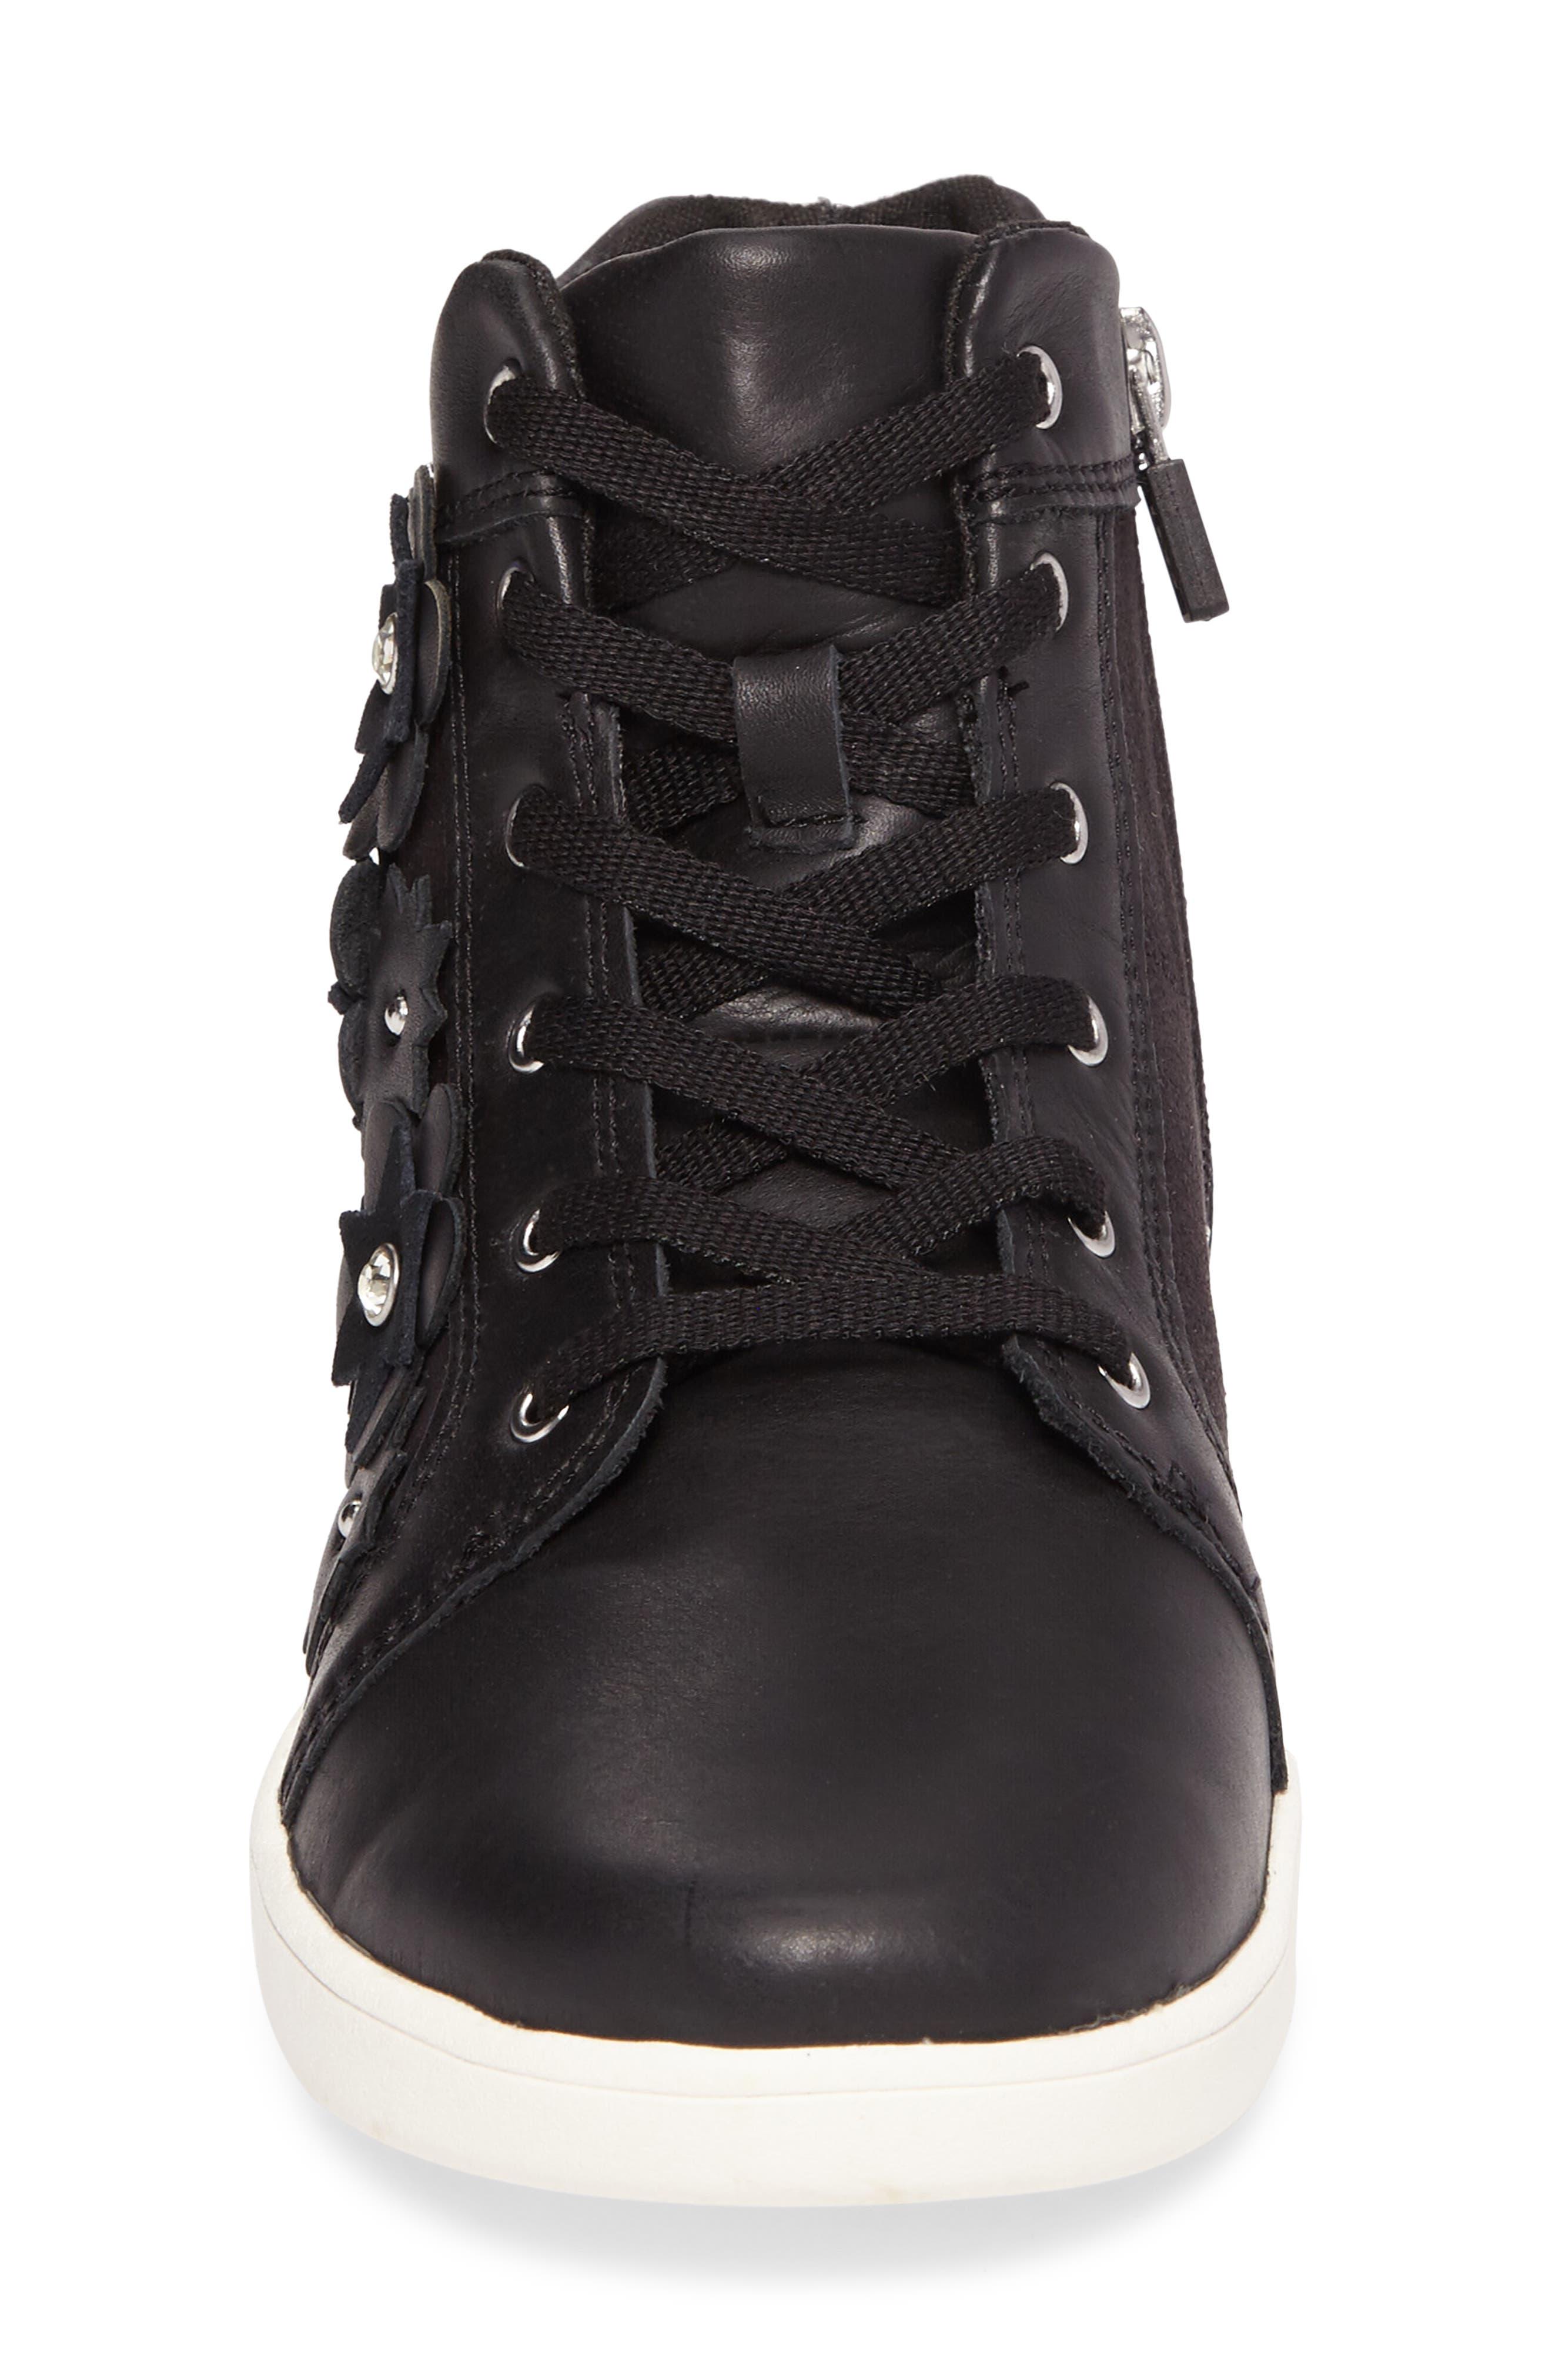 Schyler Petal Embellished High Top Sneaker,                             Alternate thumbnail 4, color,                             001